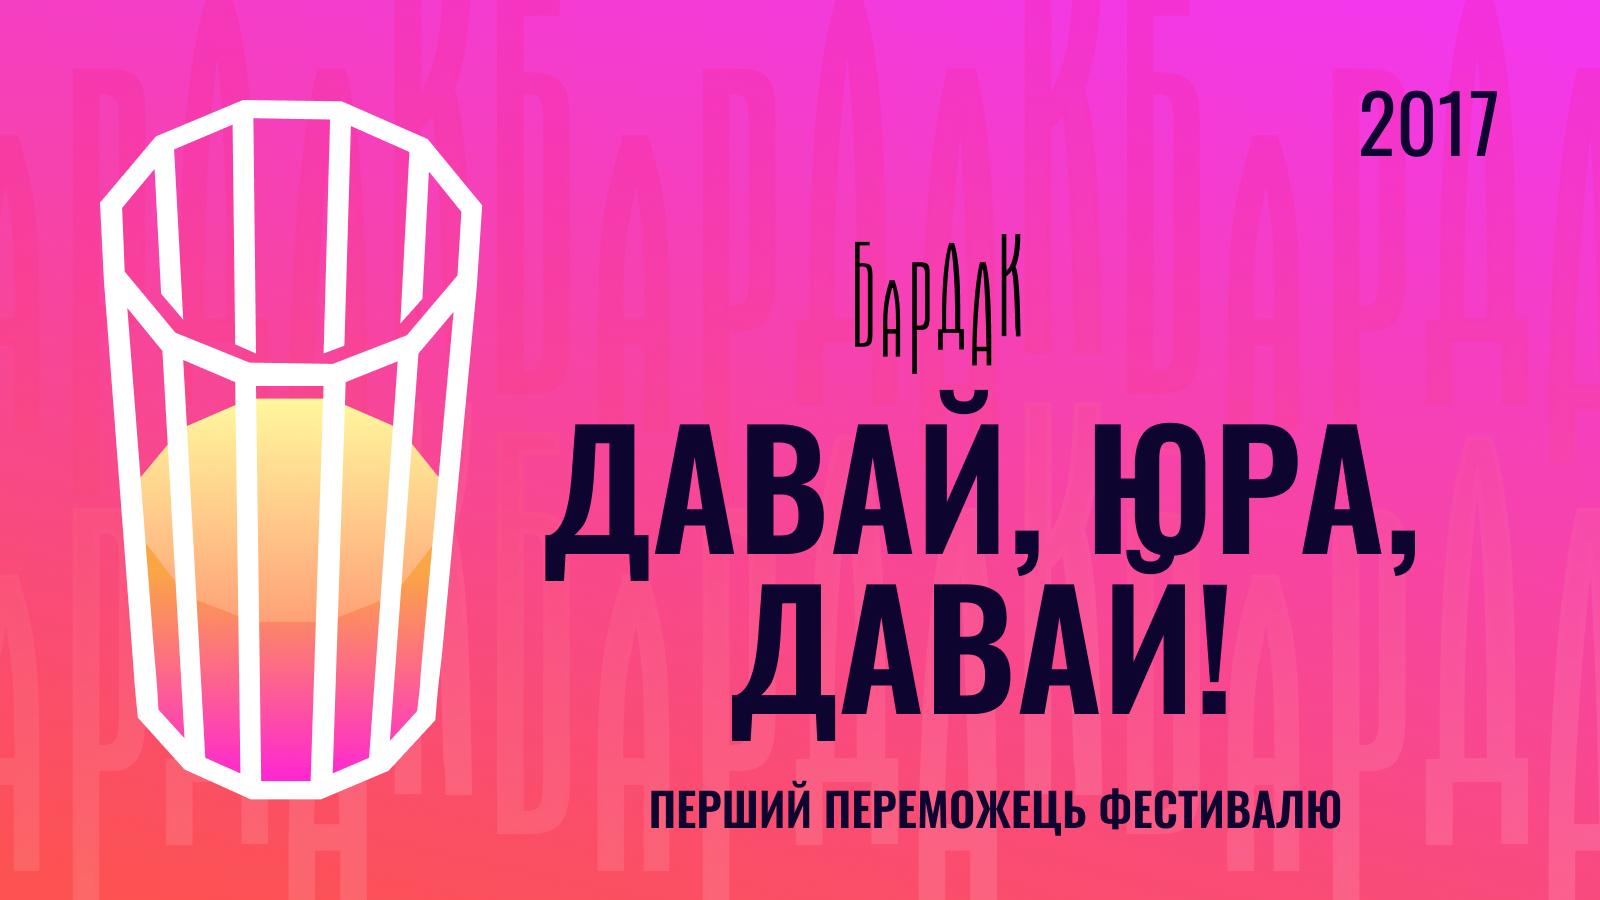 Давай, Юра, давай! , 2017 реж. Олександр Чернобай